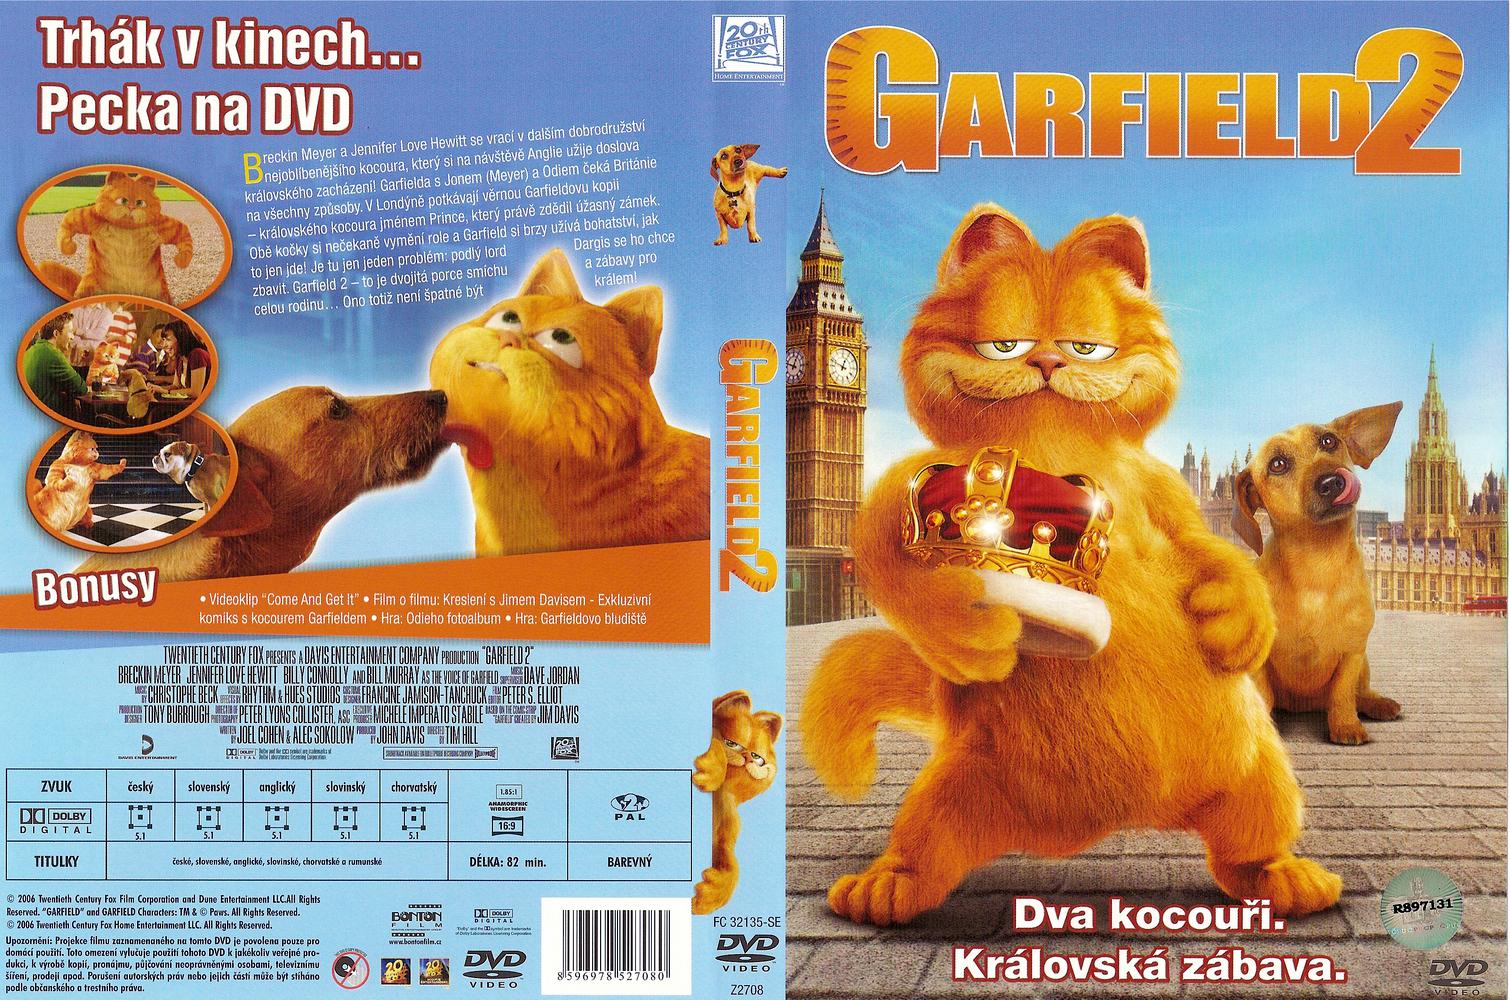 garfield online movie